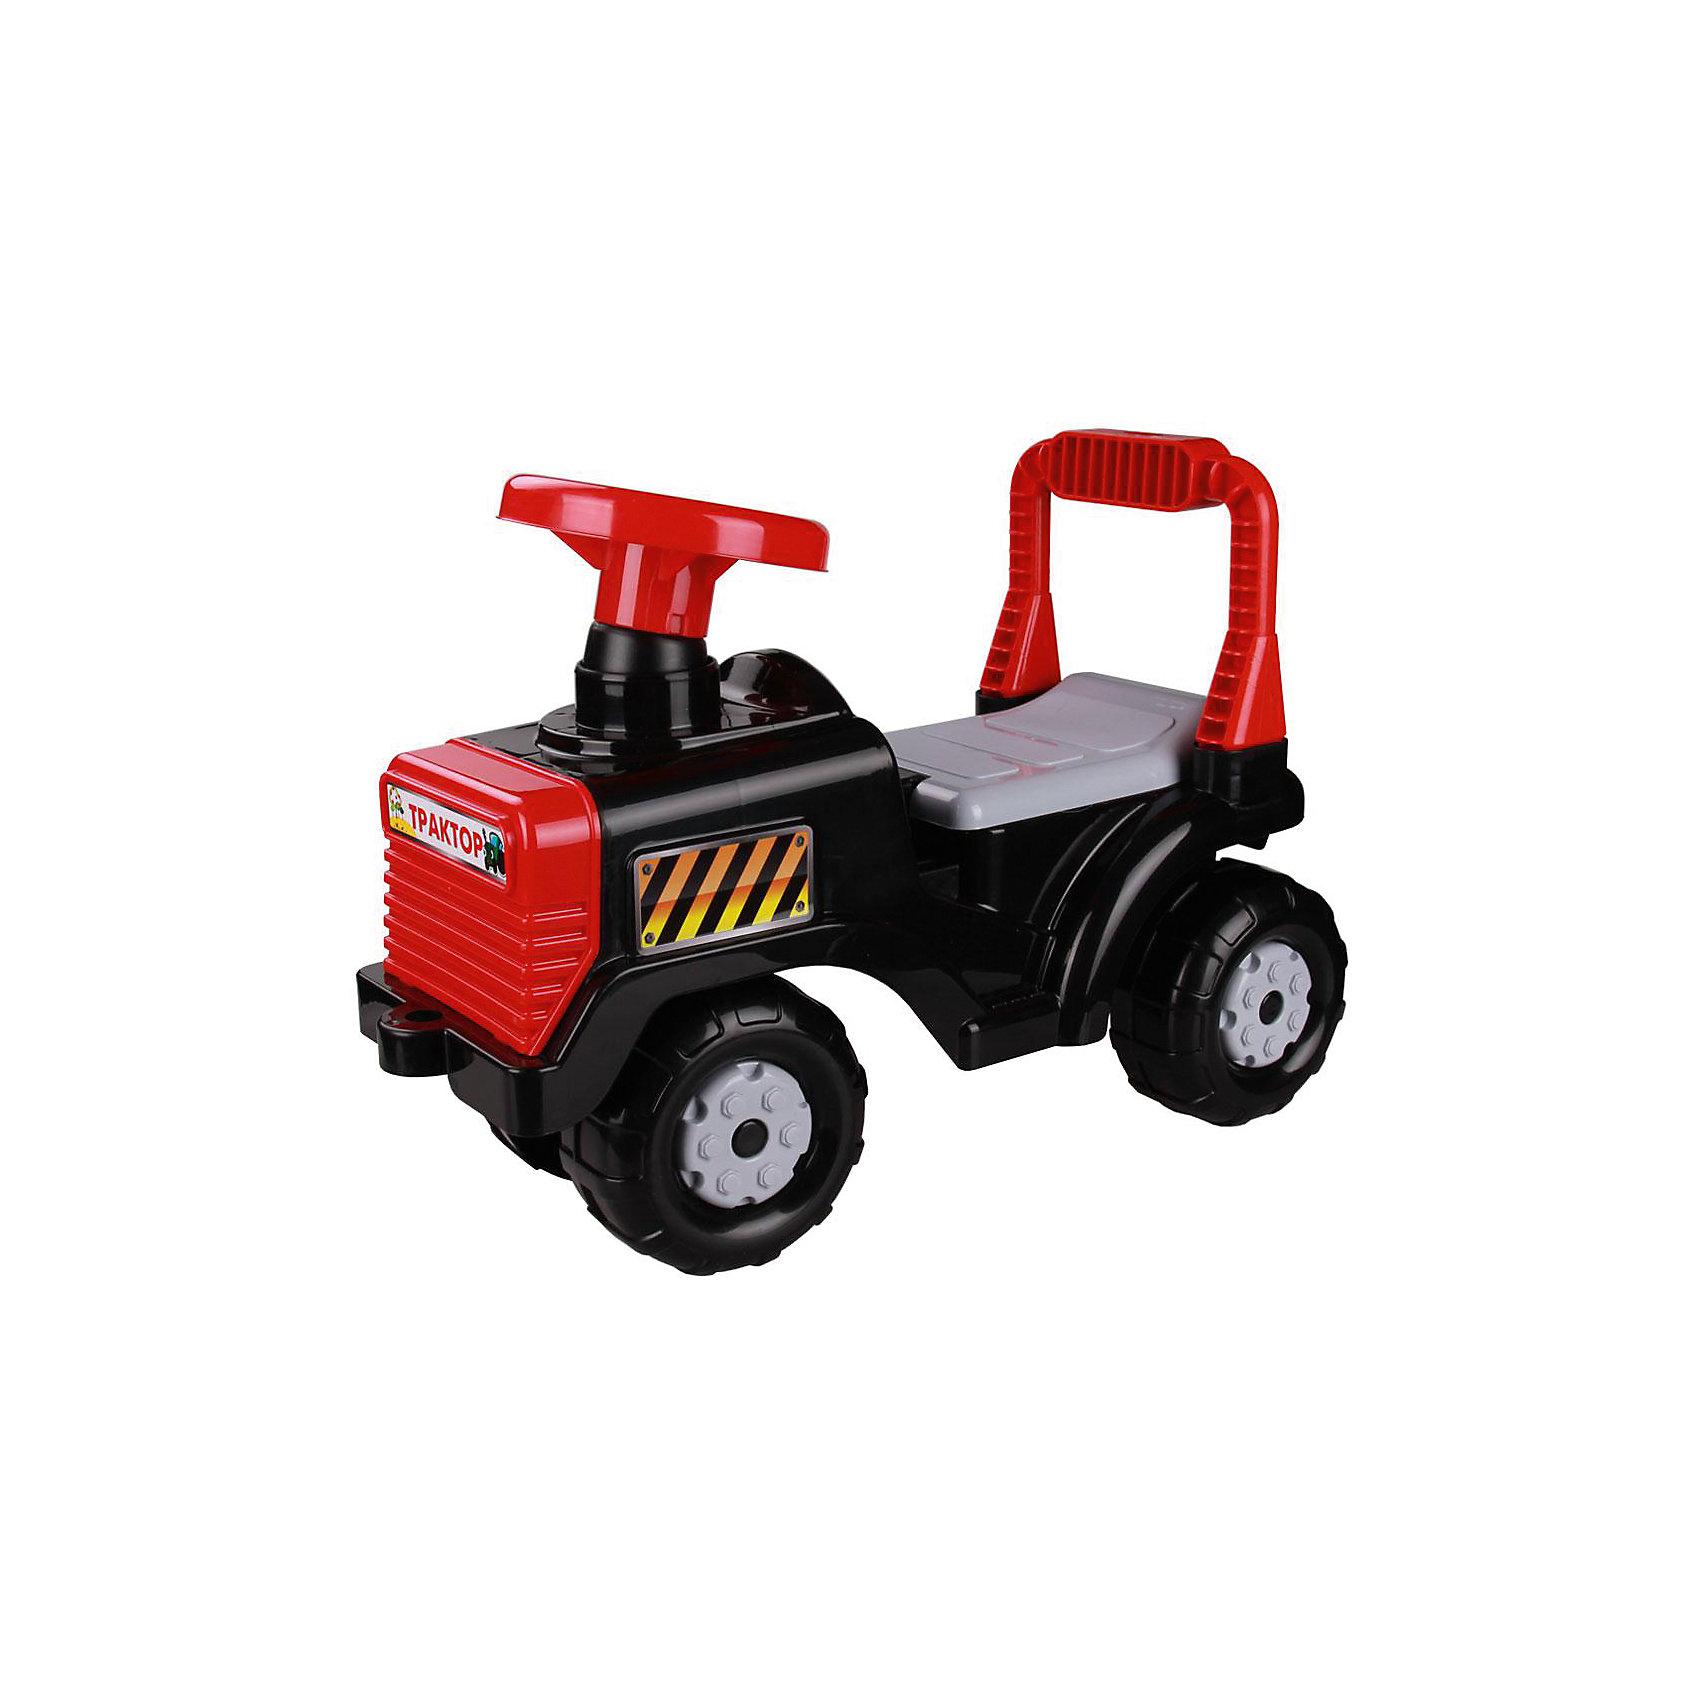 Машинка детская Трактор ,  Alternativa, чёрныйМашинки-каталки<br>Детская машинка Трактор изготовлена из пластика и имеет очень приятный дизайн. У трактора есть большой руль, четыре крупных колеса и удобная спинка-ручка. Такая яркая машинка обязательно понравится мальчику!<br><br>Дополнительная информация:<br>Материал: пластик<br>Цвет: черный<br>Размер: 57х27х42 см<br><br>Машинку Трактор можно купить в нашем интернет-магазине.<br><br>Ширина мм: 0<br>Глубина мм: 0<br>Высота мм: 0<br>Вес г: 18<br>Возраст от месяцев: 36<br>Возраст до месяцев: 144<br>Пол: Унисекс<br>Возраст: Детский<br>SKU: 4979760